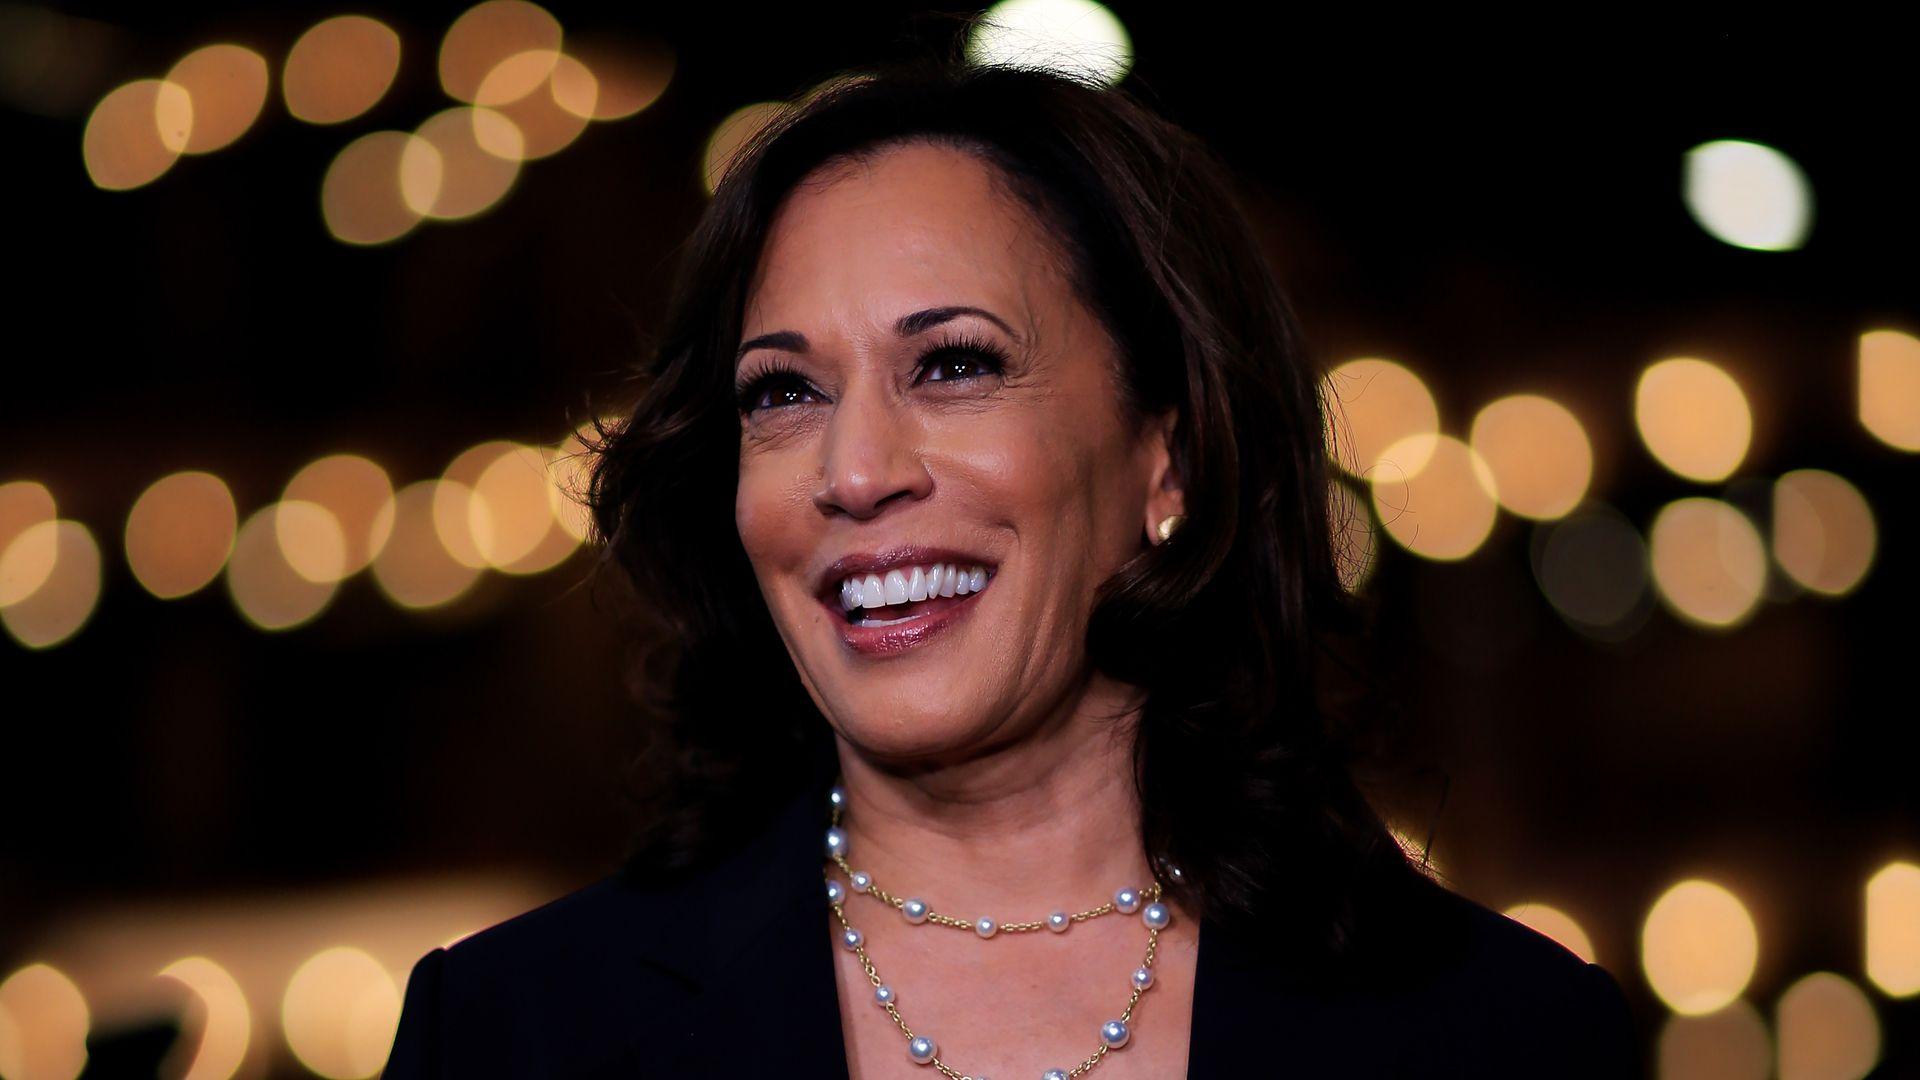 Sen. Kamala Harris (D-Cali.) during the 2020 Democratic Primary Debates